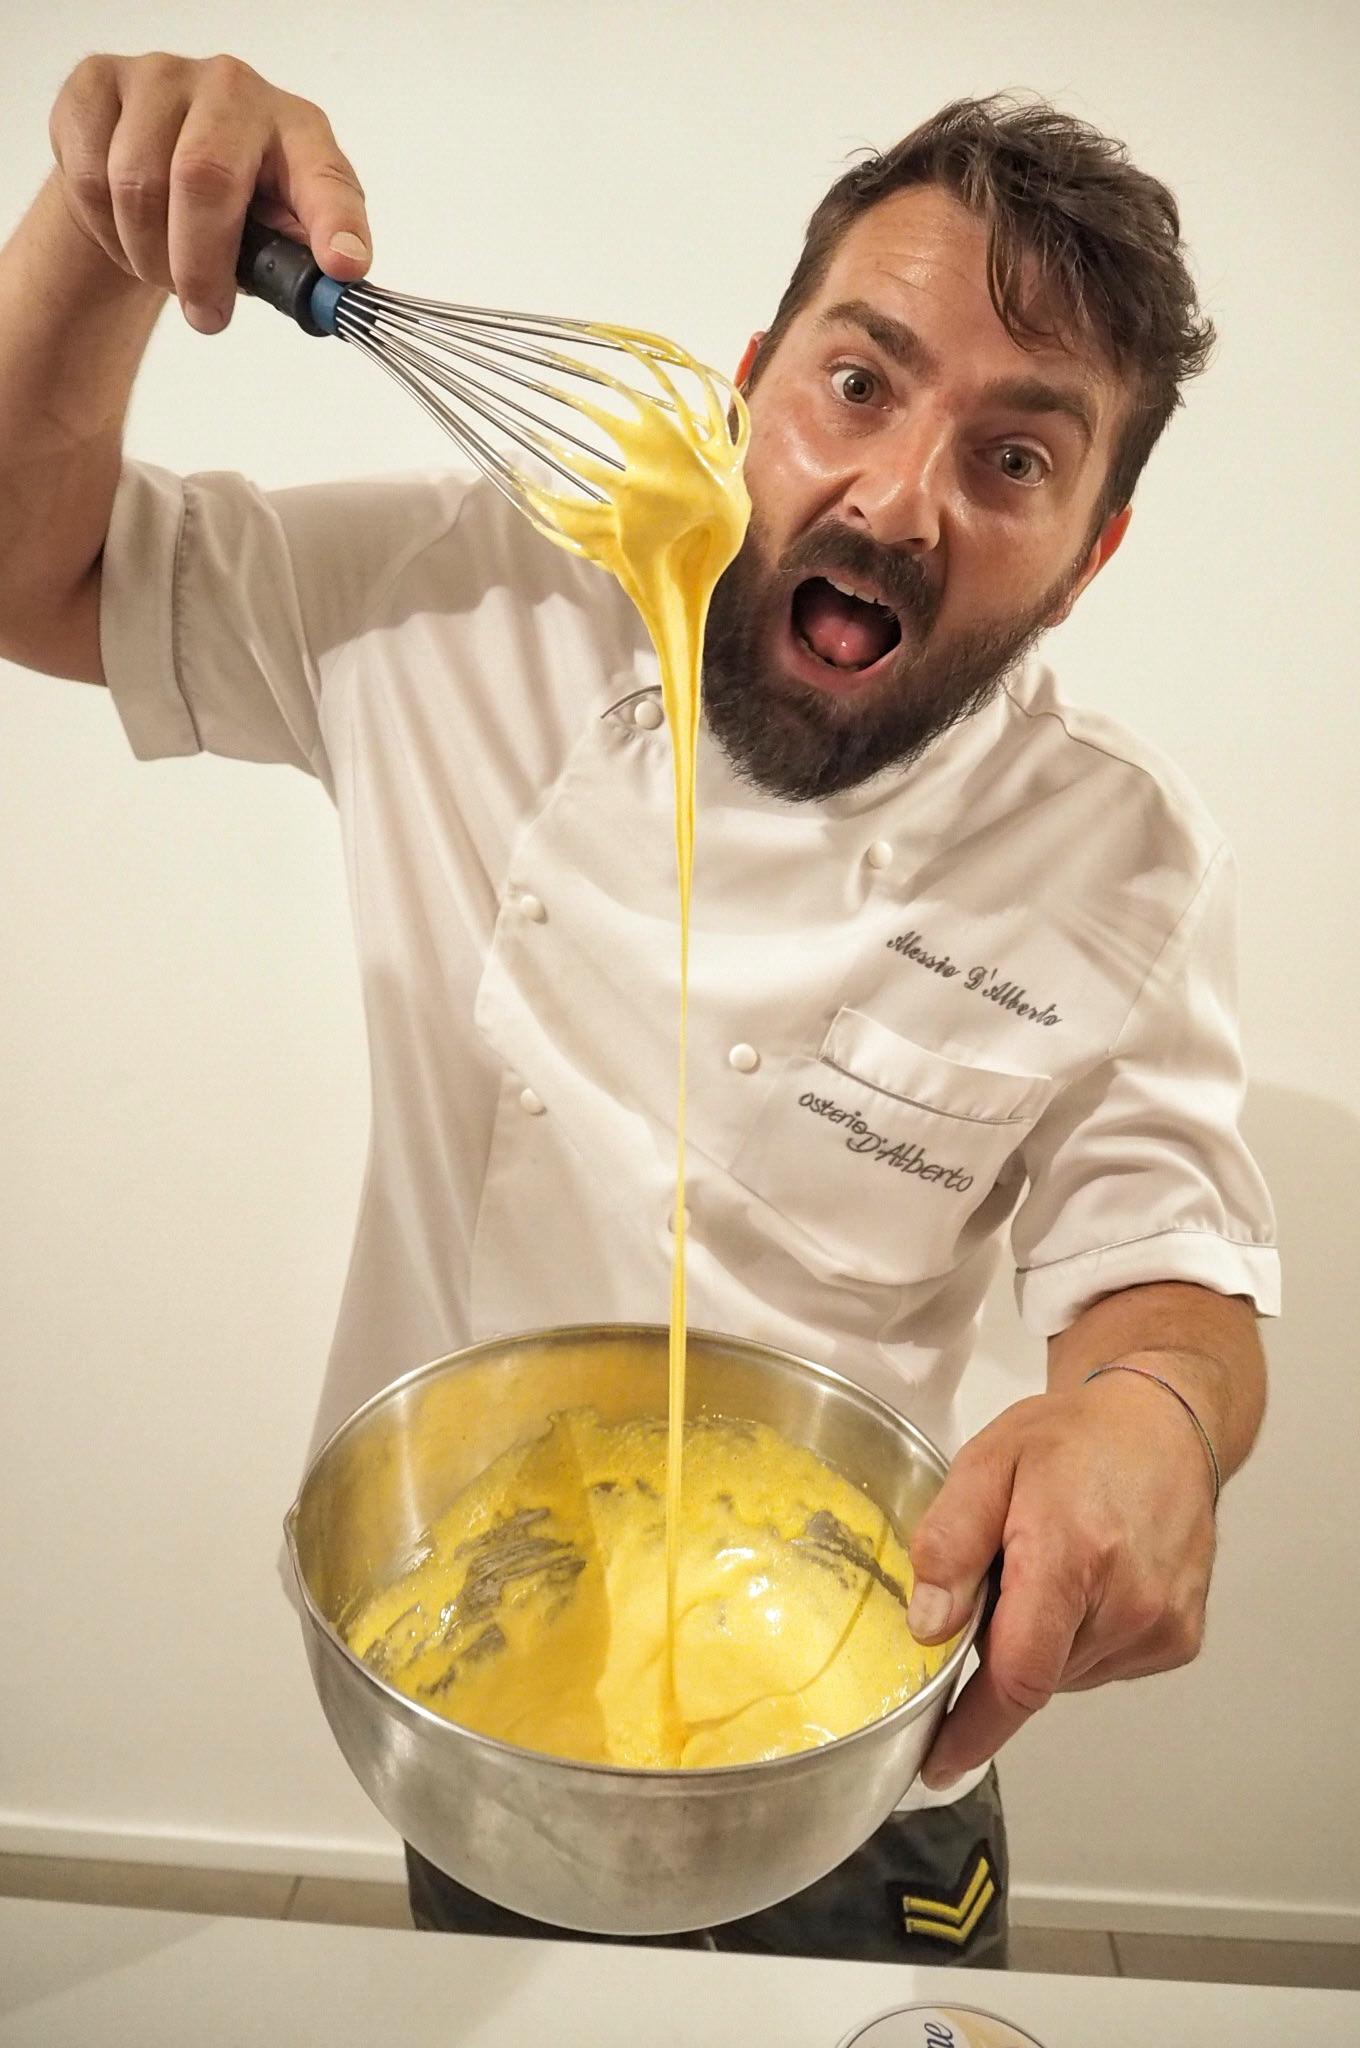 Italian Cooking Masterclass Maccagno with Alessio Chef Osteria D'Alberto Lake Maggiore